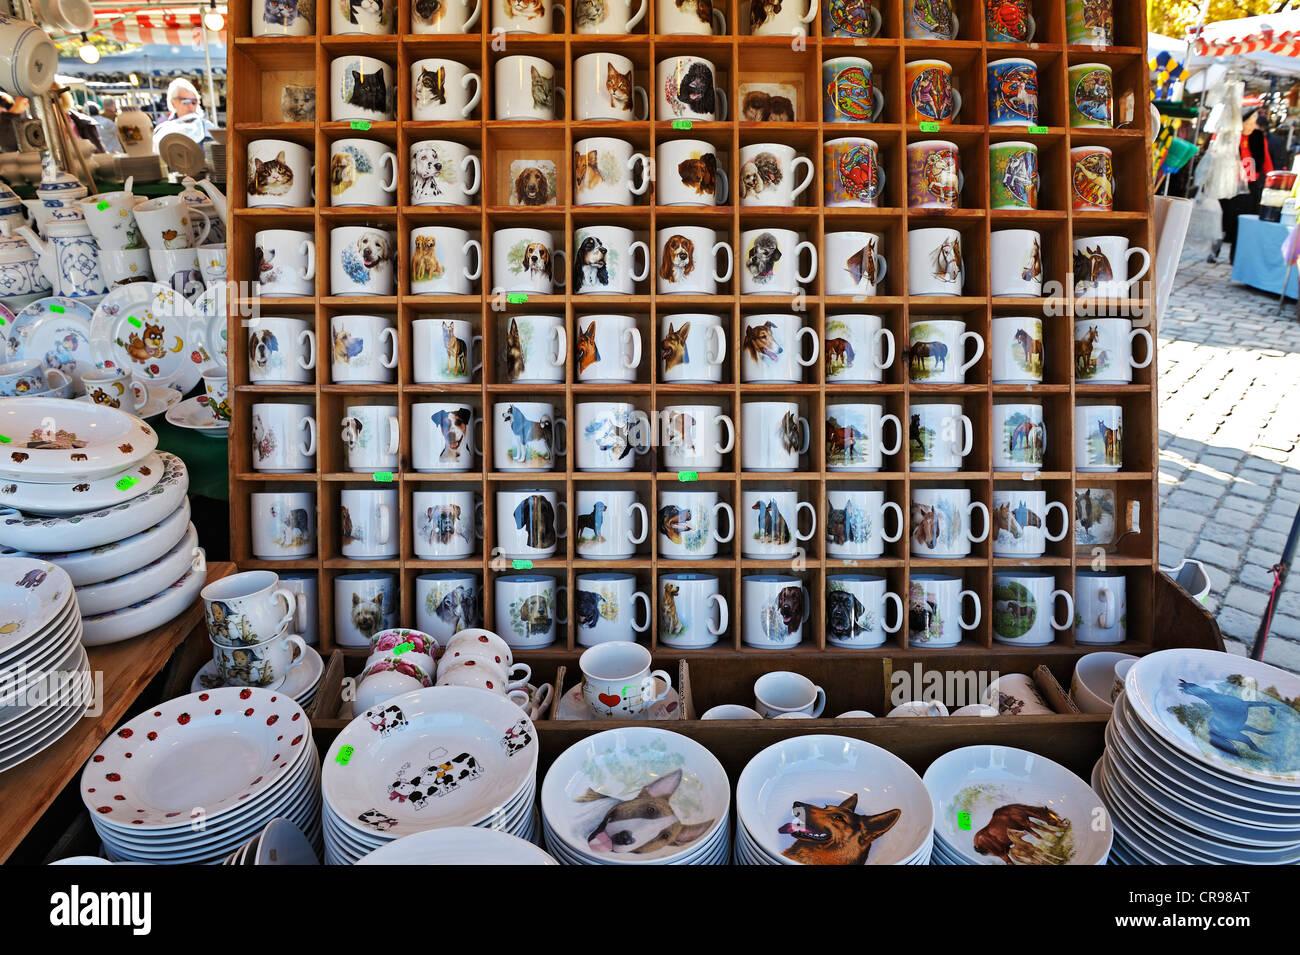 Tazze e le piastre stampate con motivi zoomorfi, Auer Dult mercato, Monaco di Baviera, Germania, Europa Immagini Stock